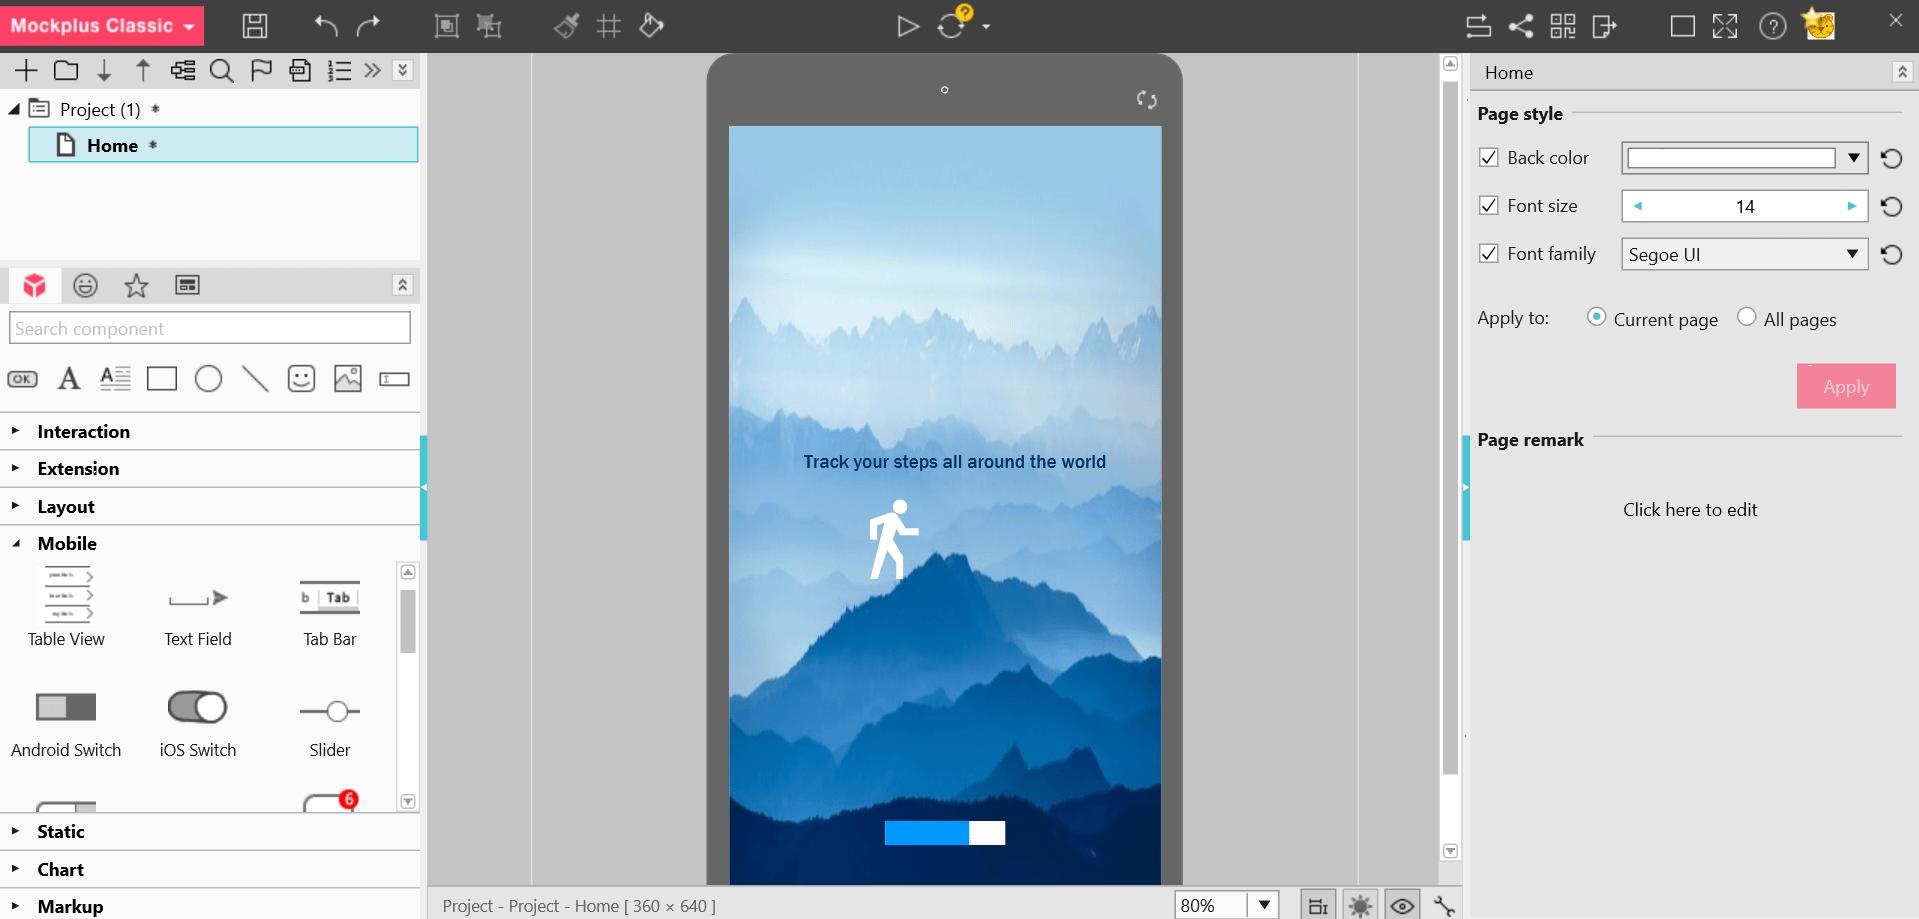 Mockplus design tool interface